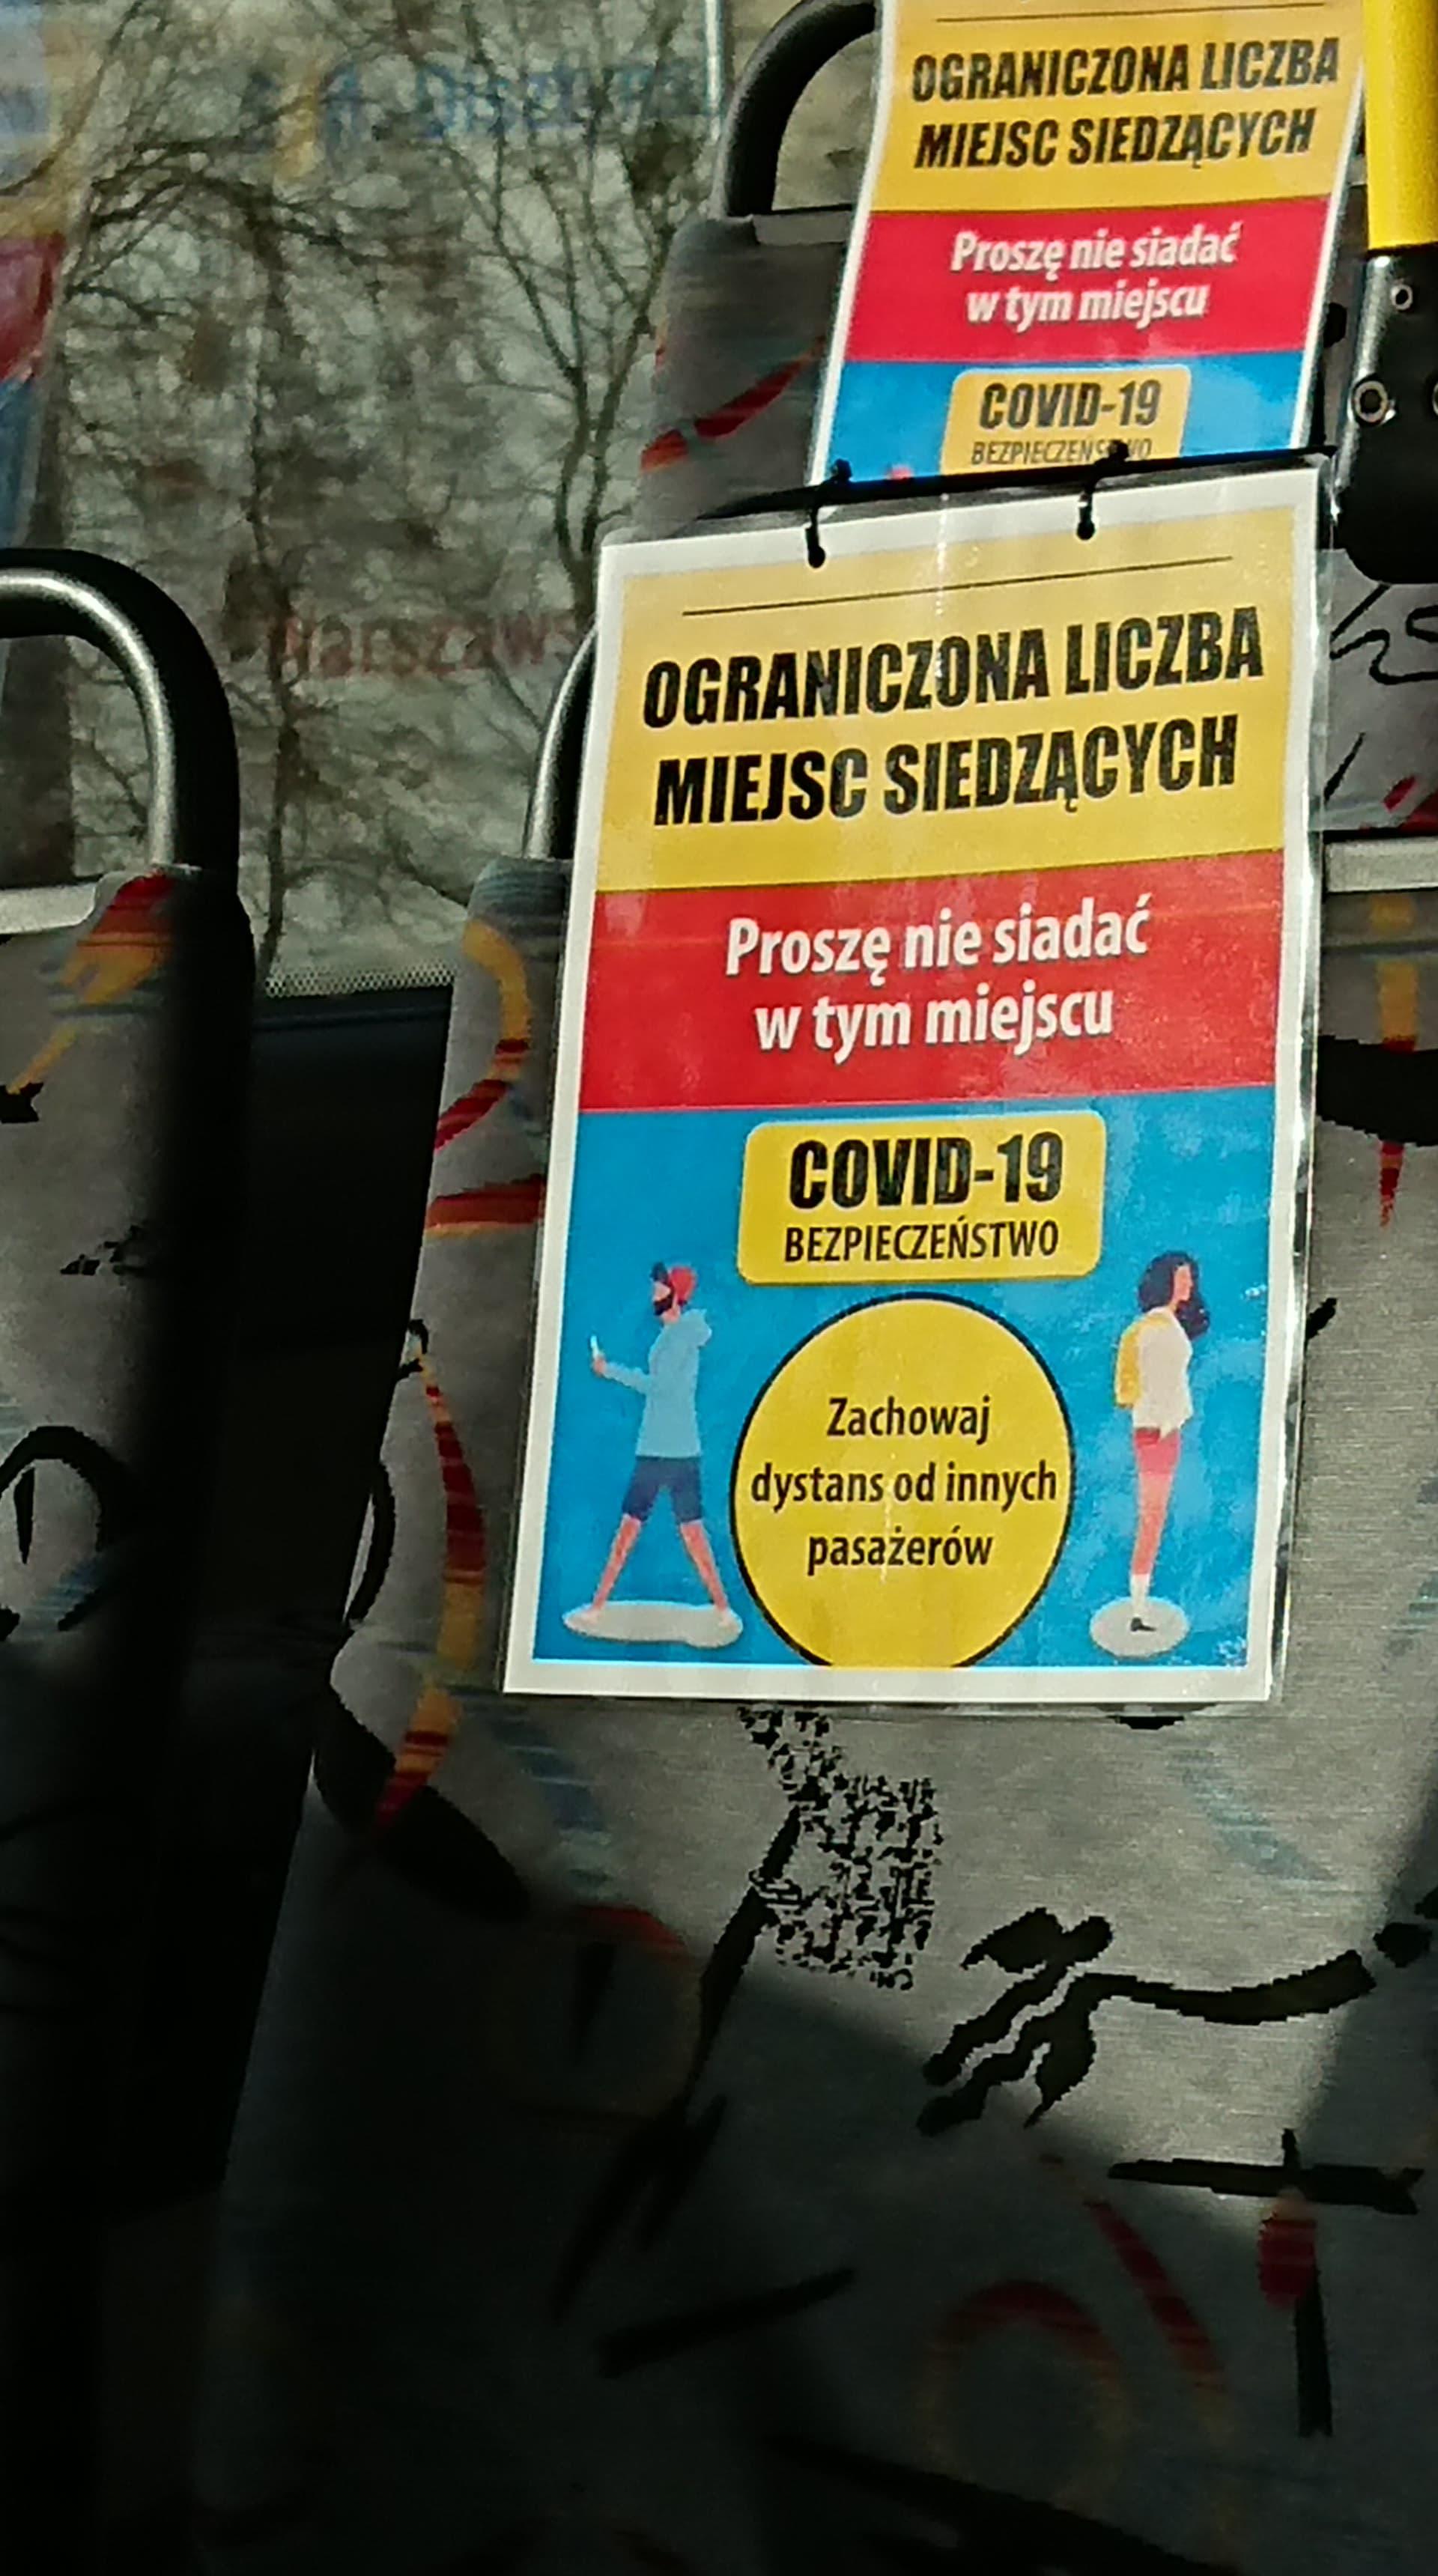 Miejsca siedzące w autobusie (Scania OmniLink CL9 #904) wyłączone z użytkowania z powodu koronawirusa (30 marca 2020)